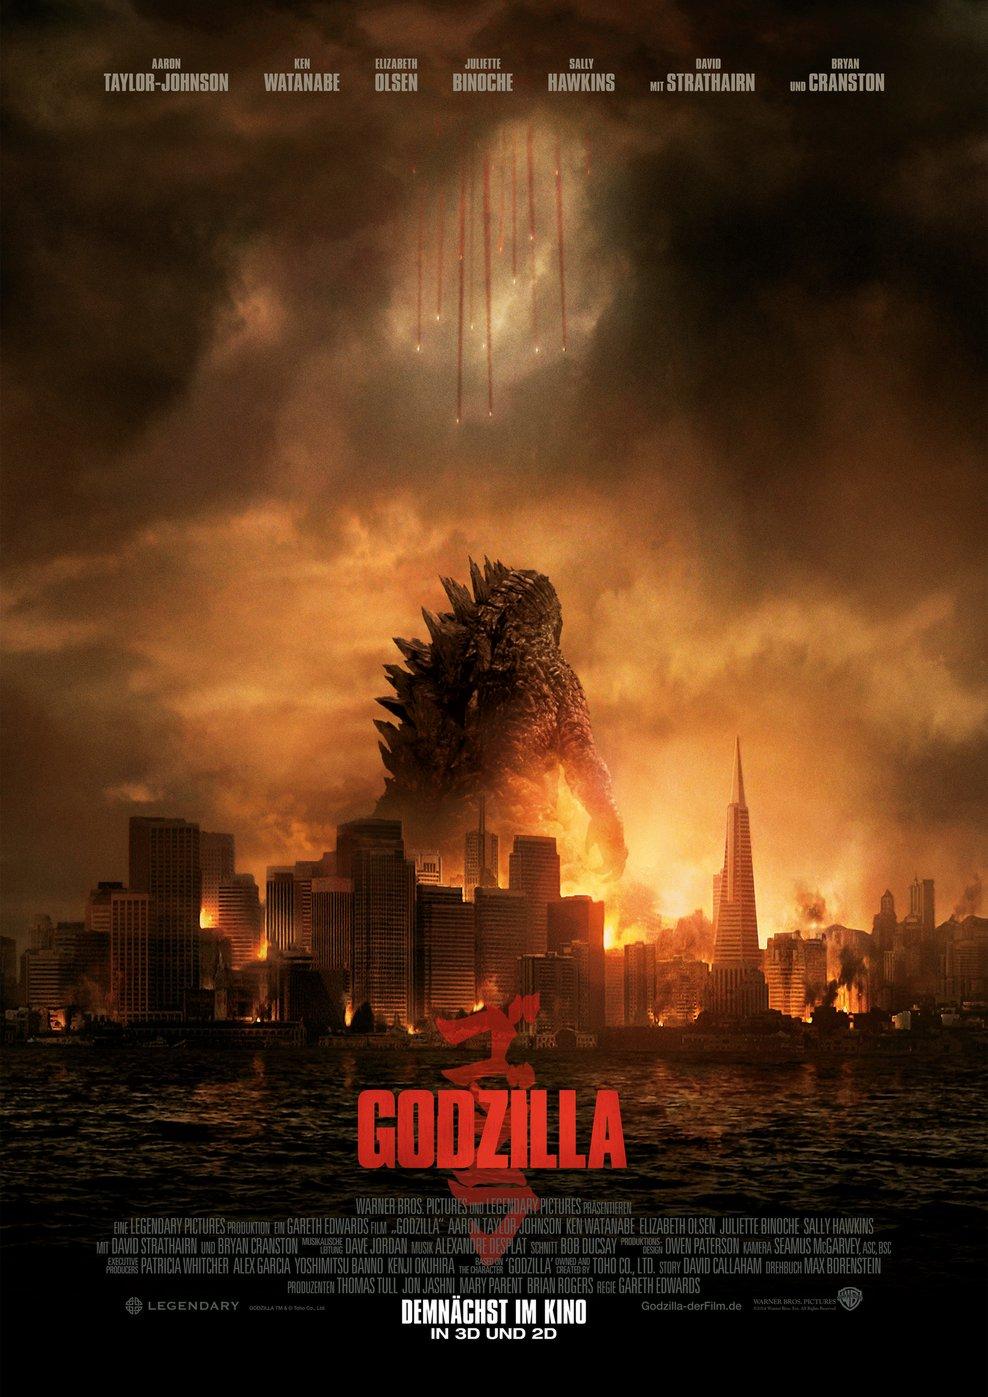 Godzilla (2014) (Poster)